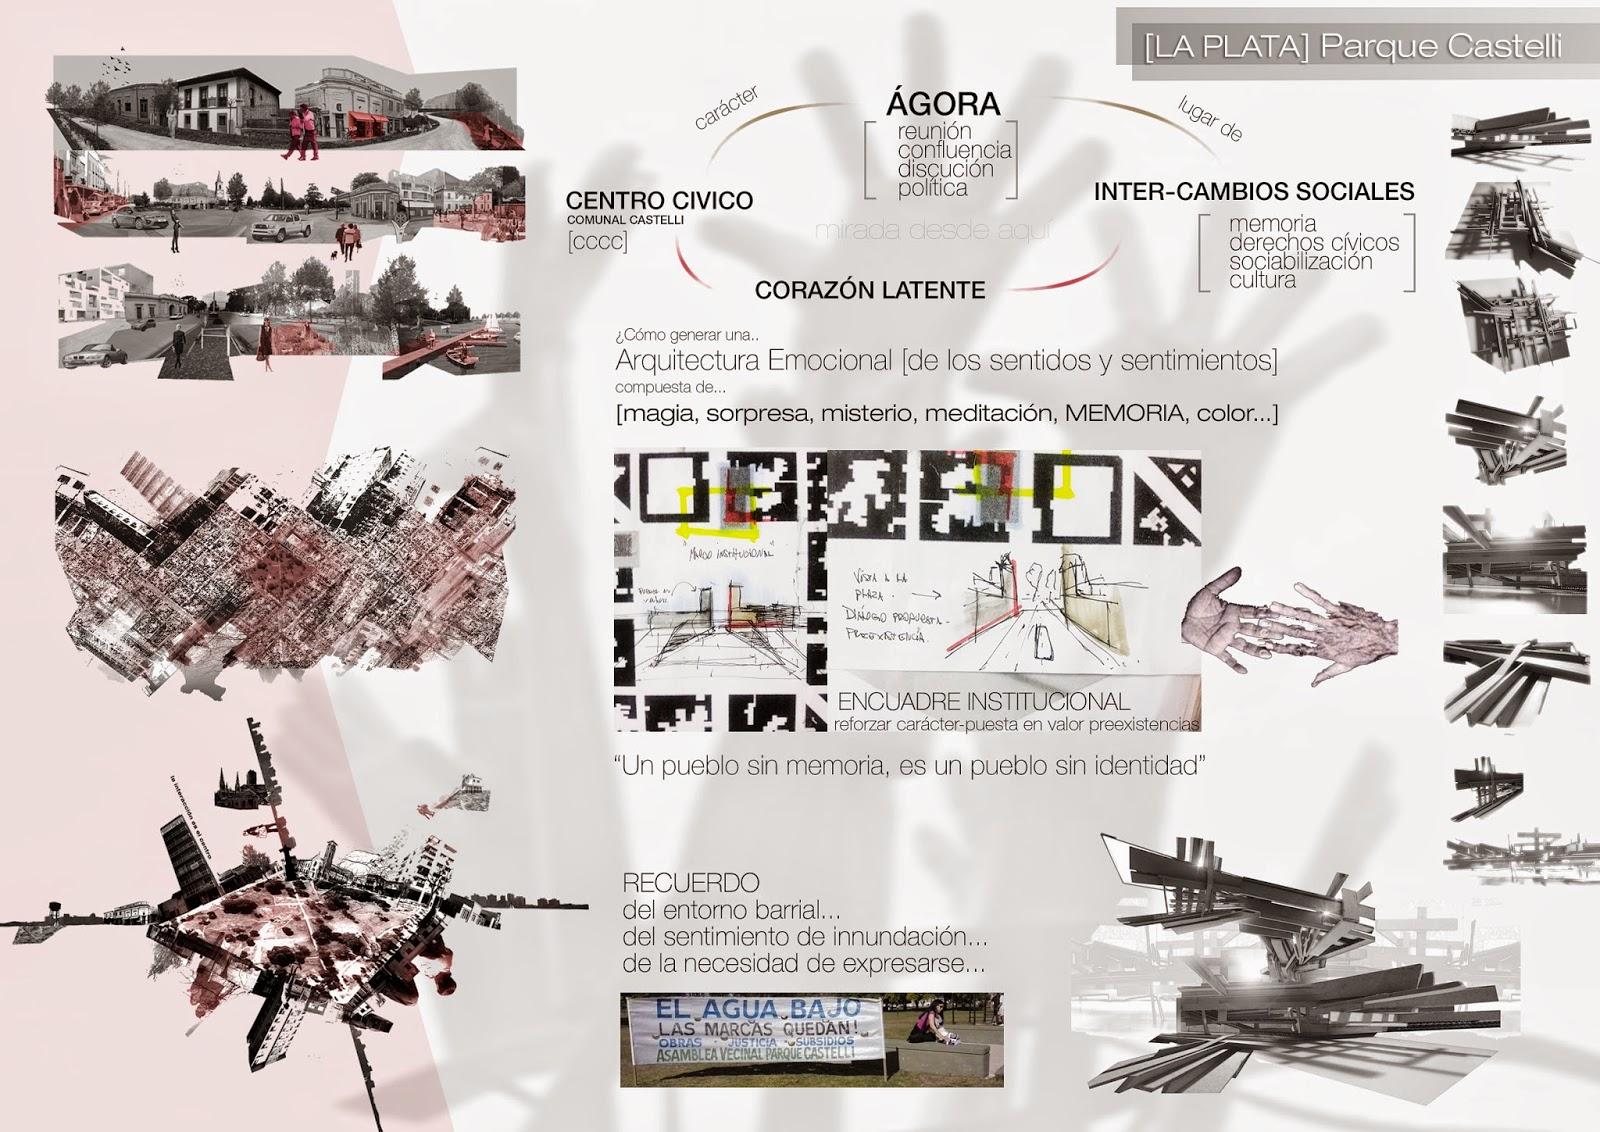 Cátedra Pedemonte - Arquitectura 5 - PU / PA: Matias Floreano